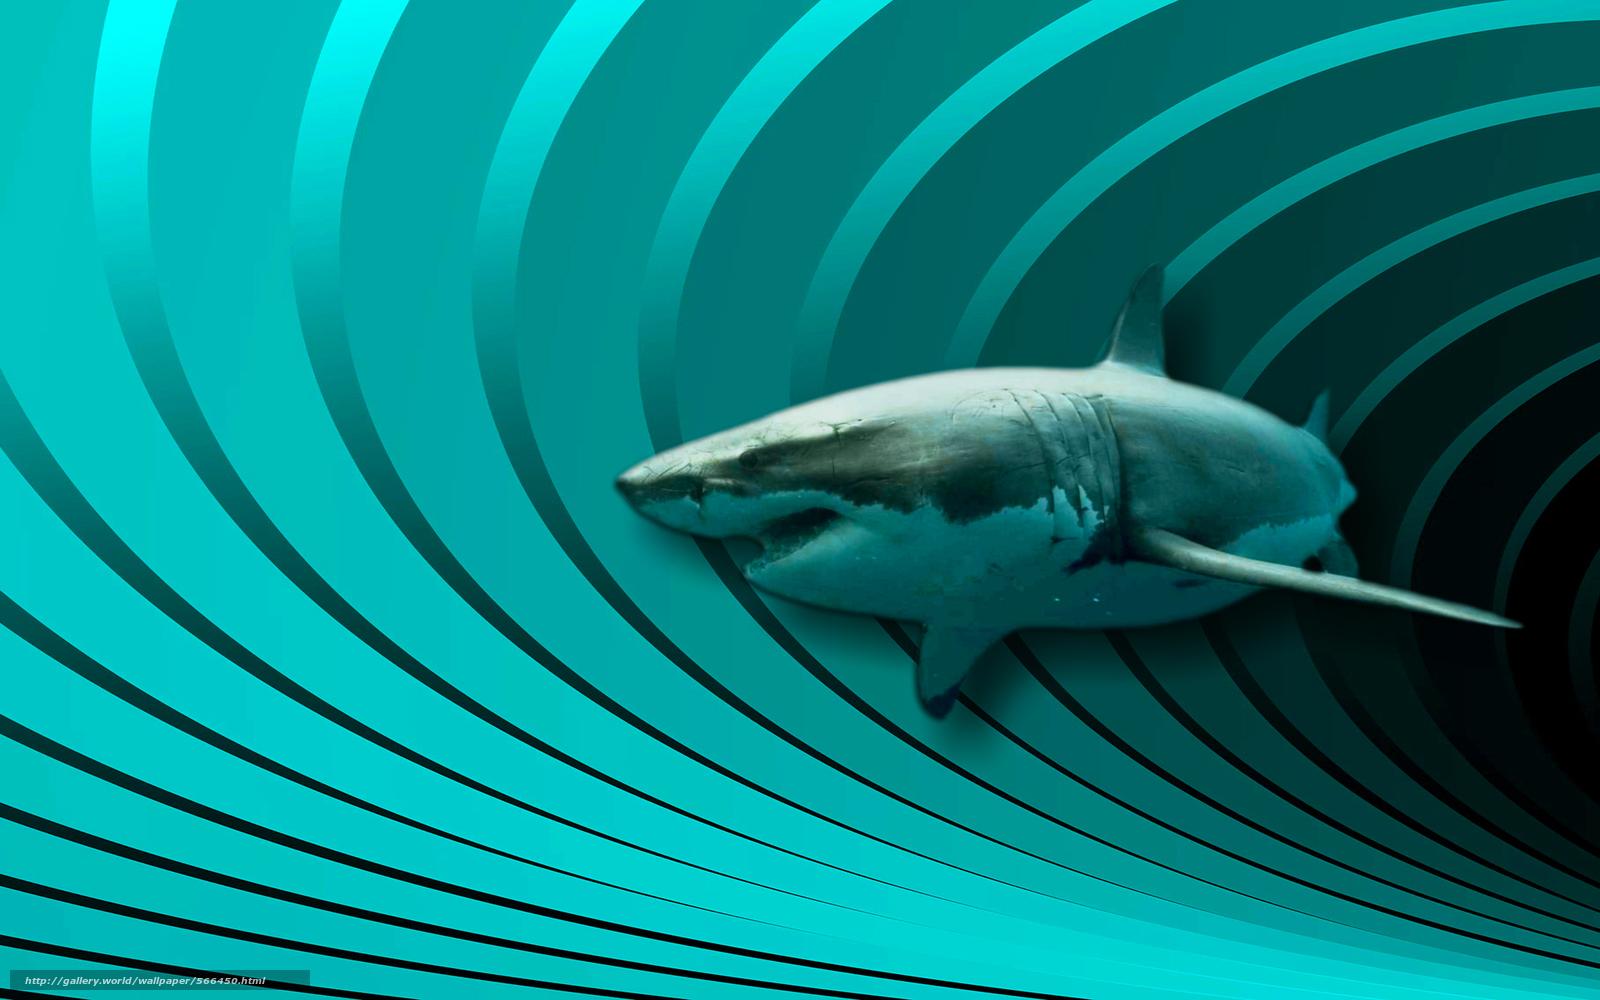 Скачать обои акула,  3d,  art бесплатно для рабочего стола в разрешении 1920x1200 — картинка №566450